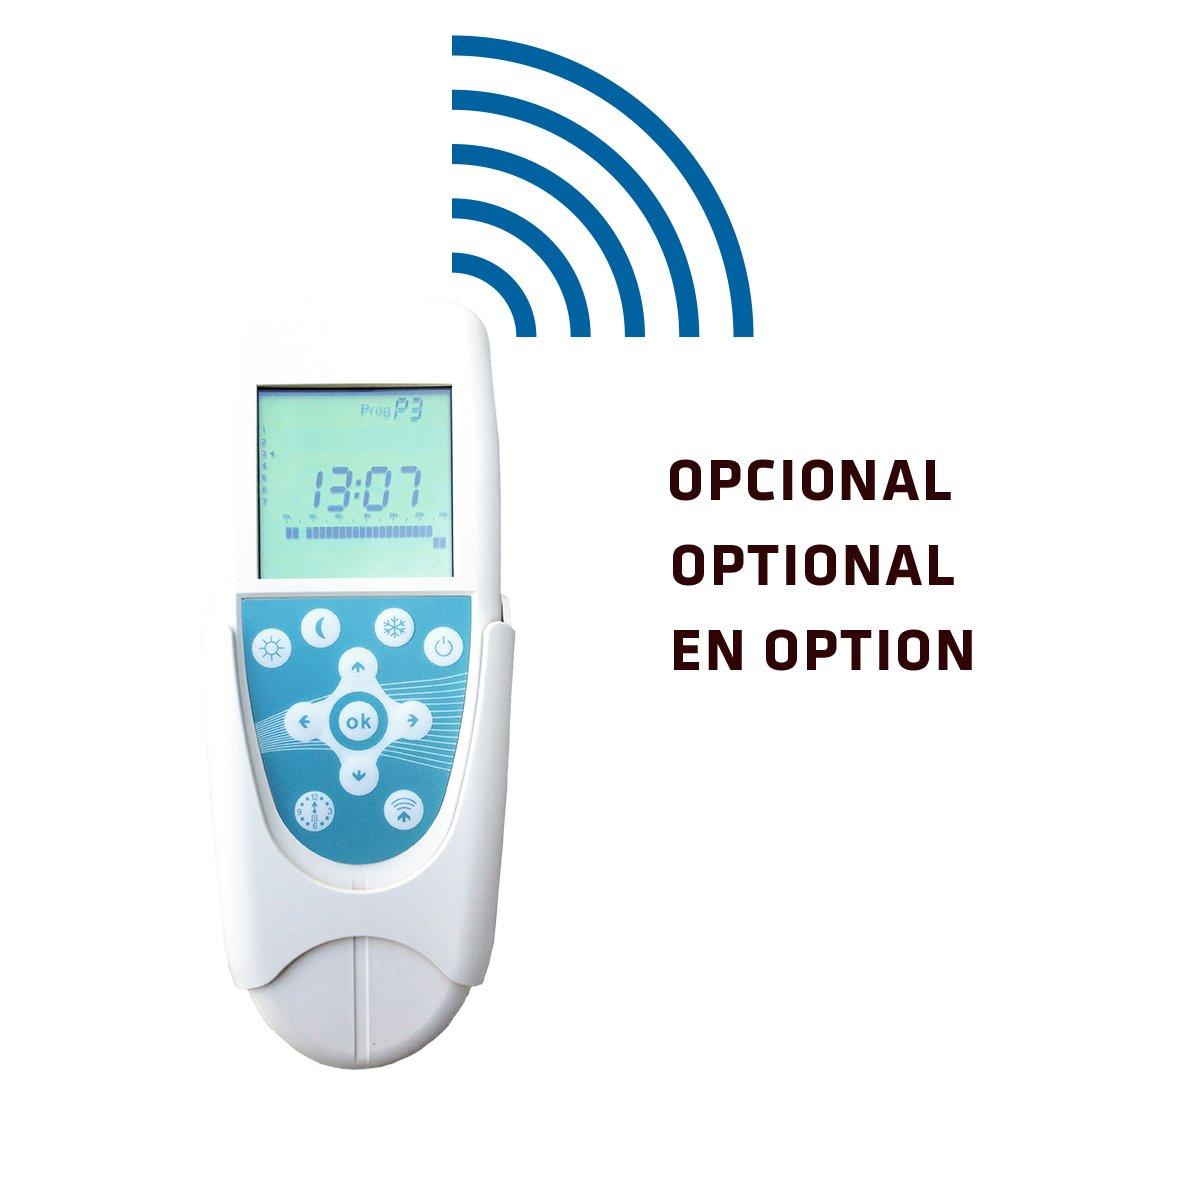 800 de Potencia Emisor T/érmico De Inercia De Fundici/ón De Aluminio Bajo Consumo Pantalla LCD y Funcionamiento Programable 5 Elementos Haverland RC5W